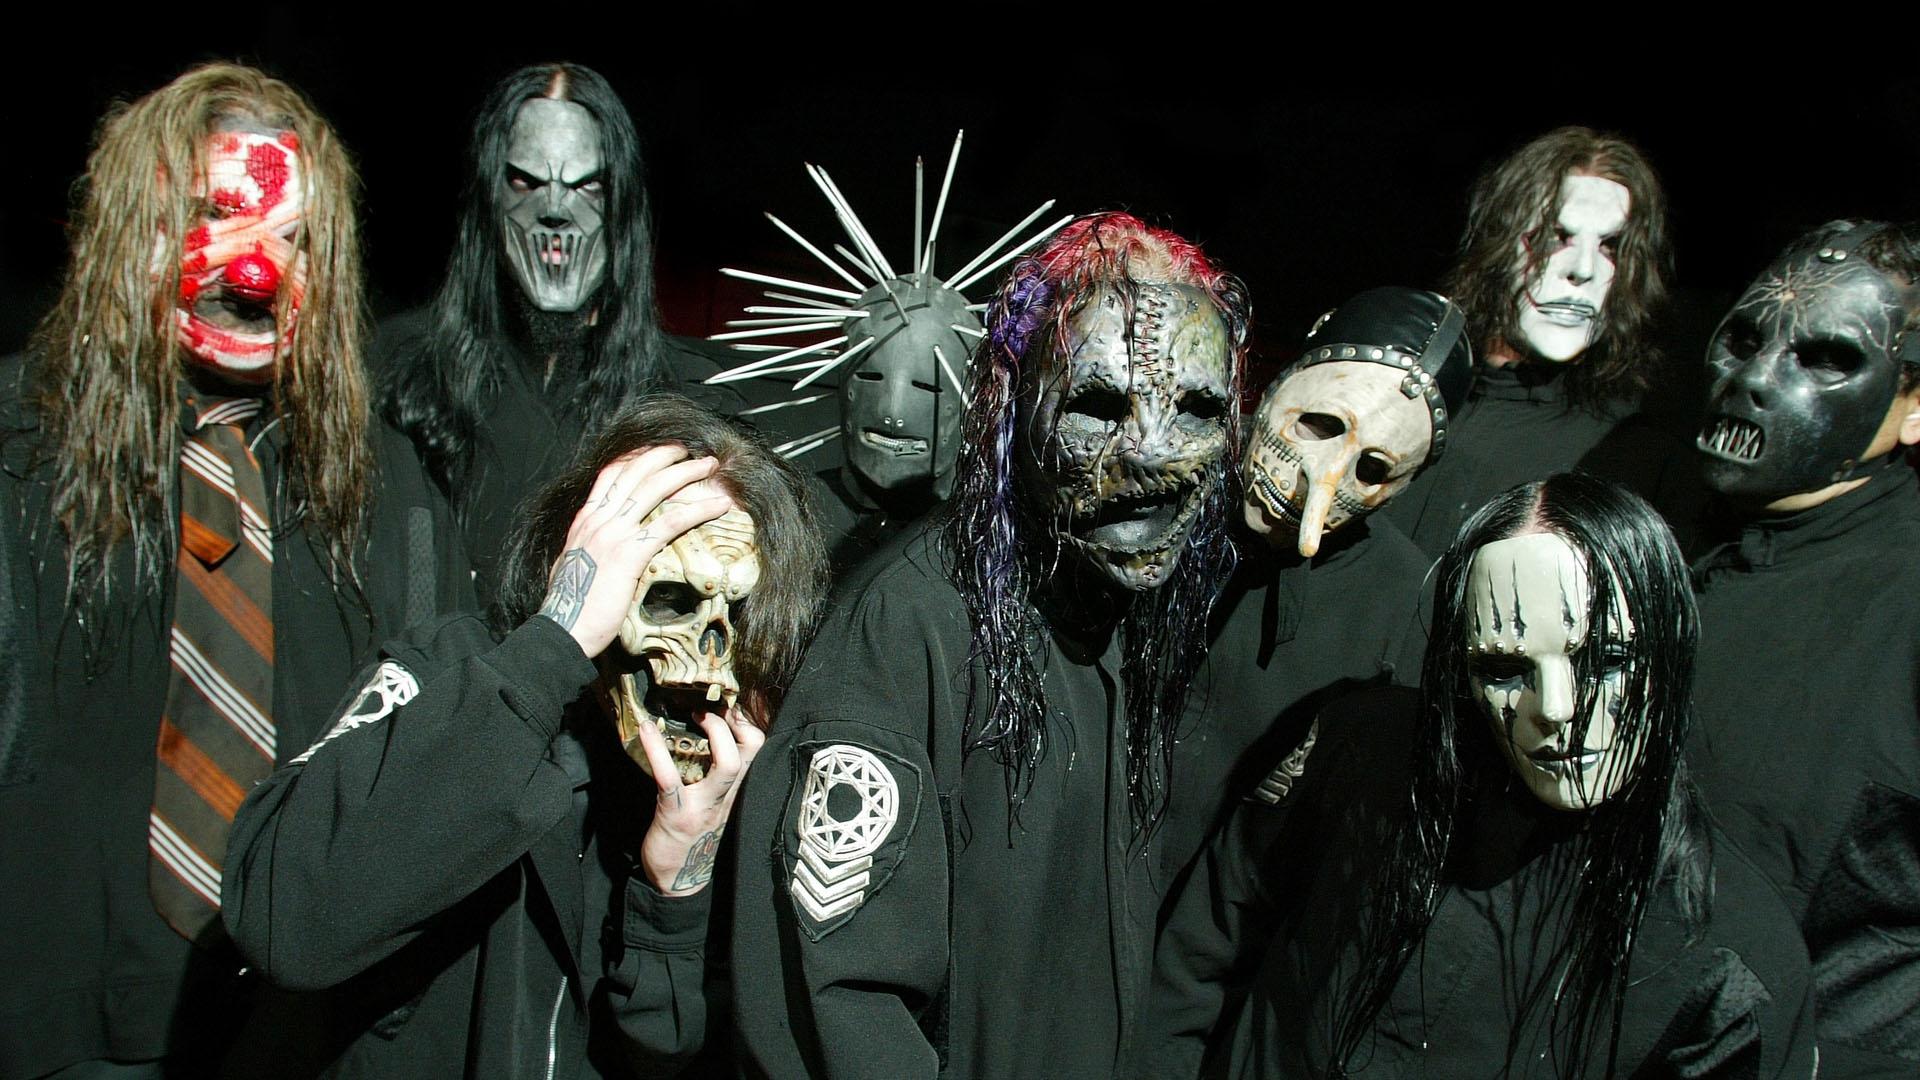 Images of Slipknot | 1920x1080